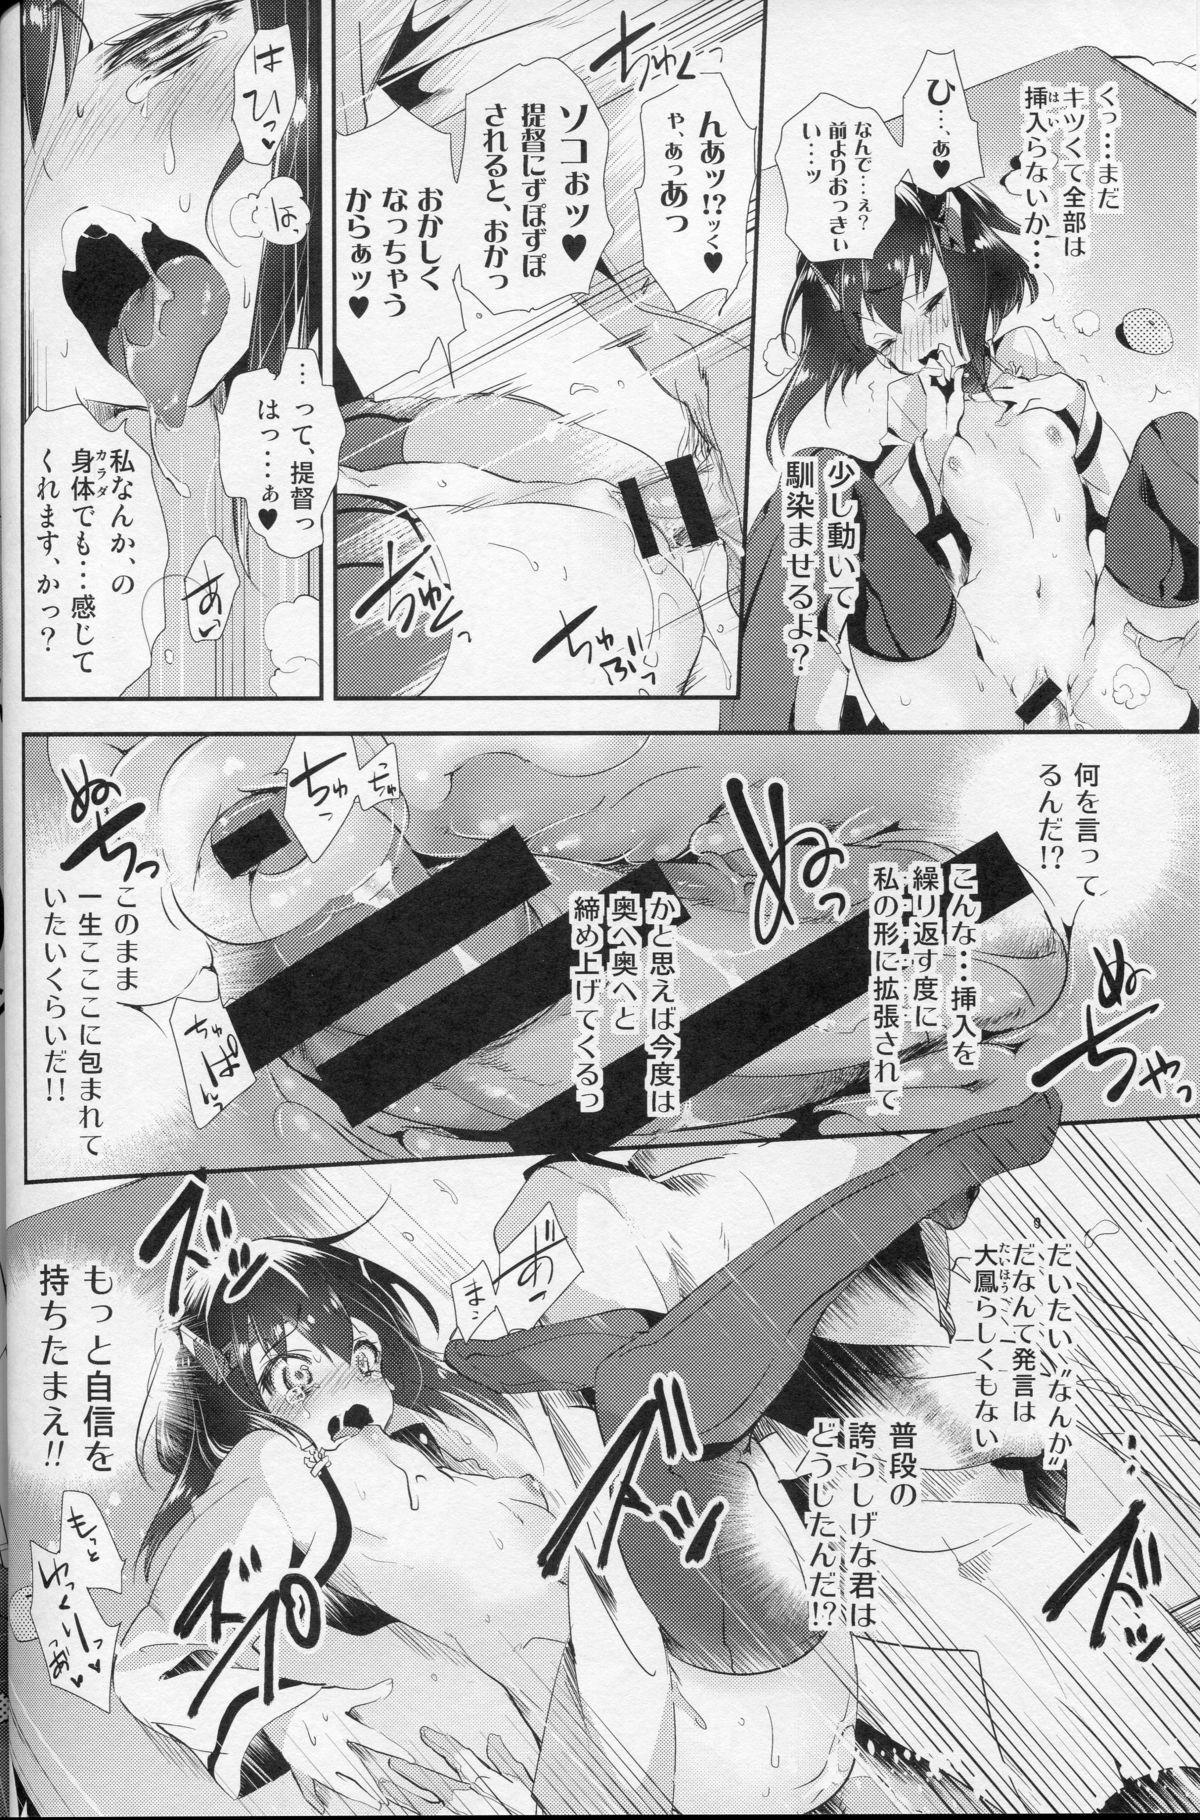 Taihou-chan to Kotatsu Mikan 14